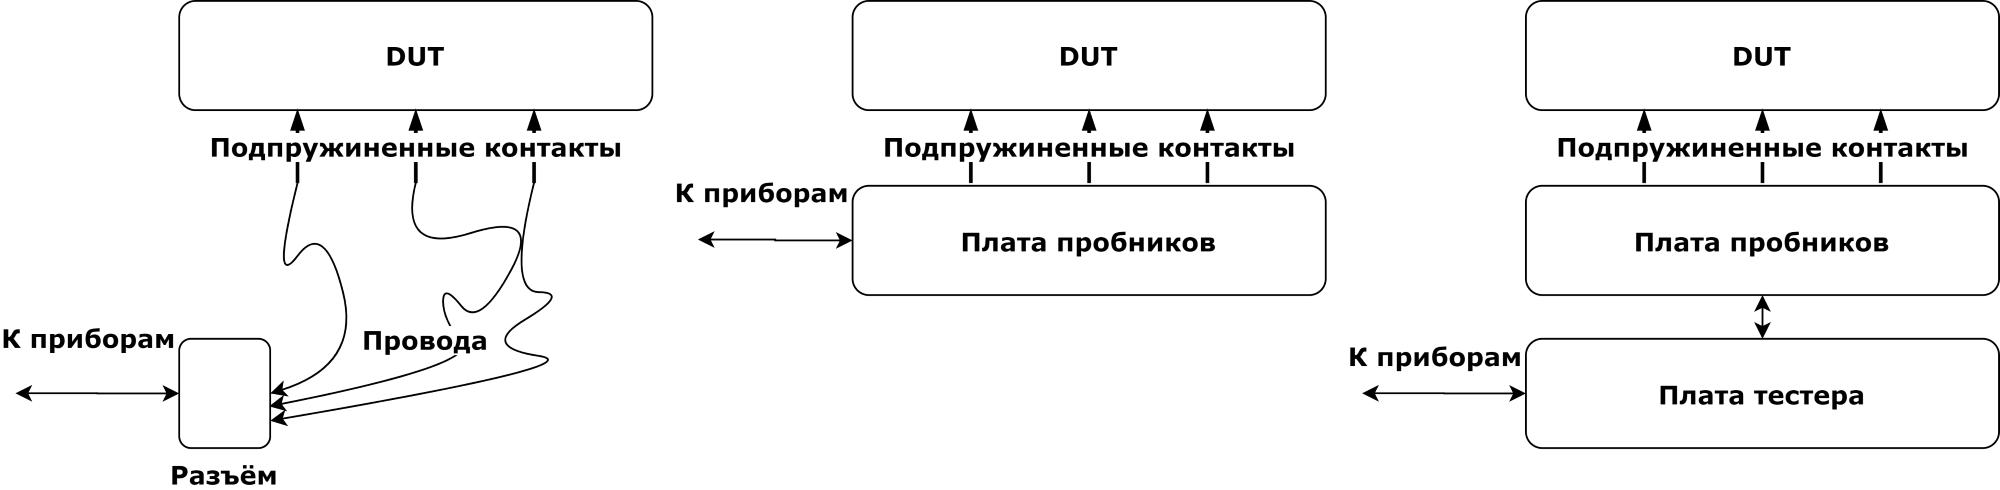 Серийное производство электроники в России. Автоматизация тестирования - 12